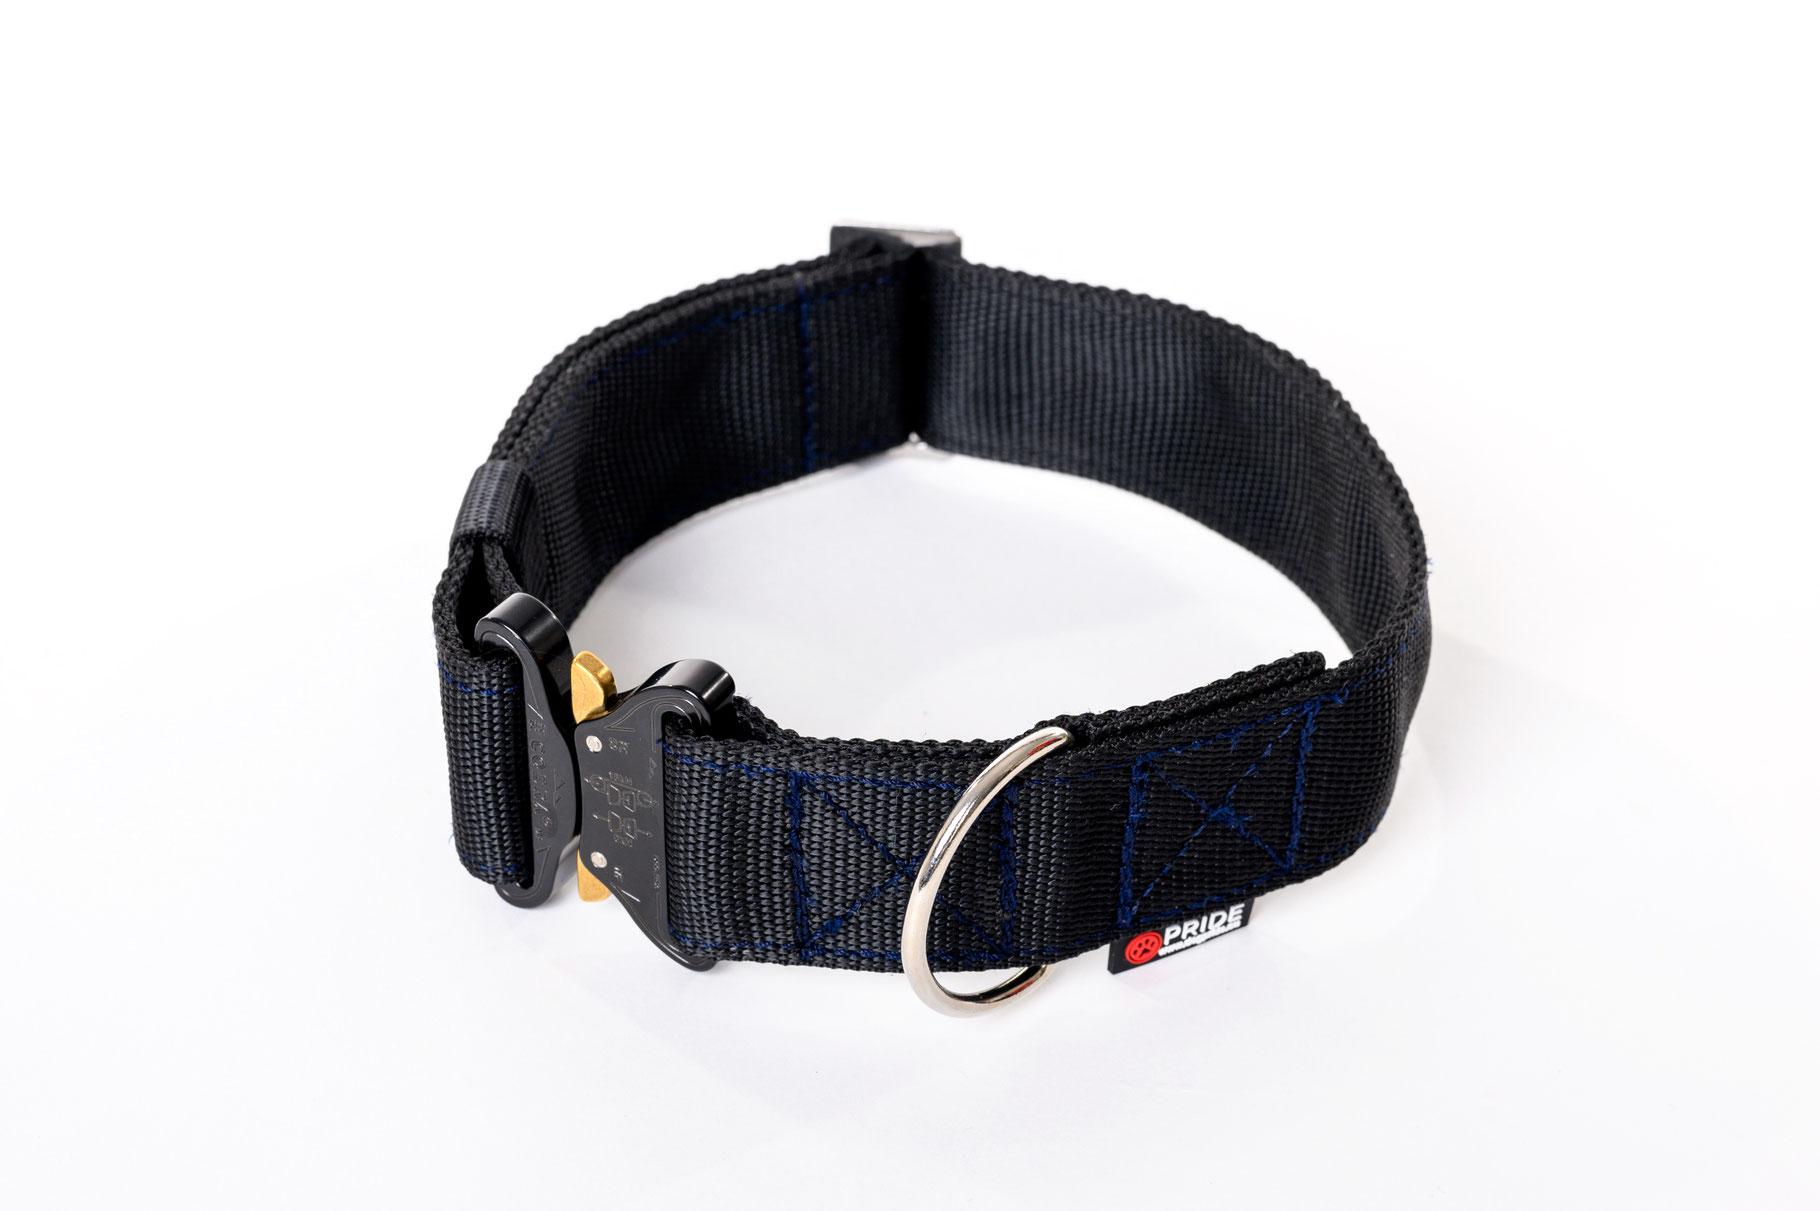 Cobra Buckle Collar